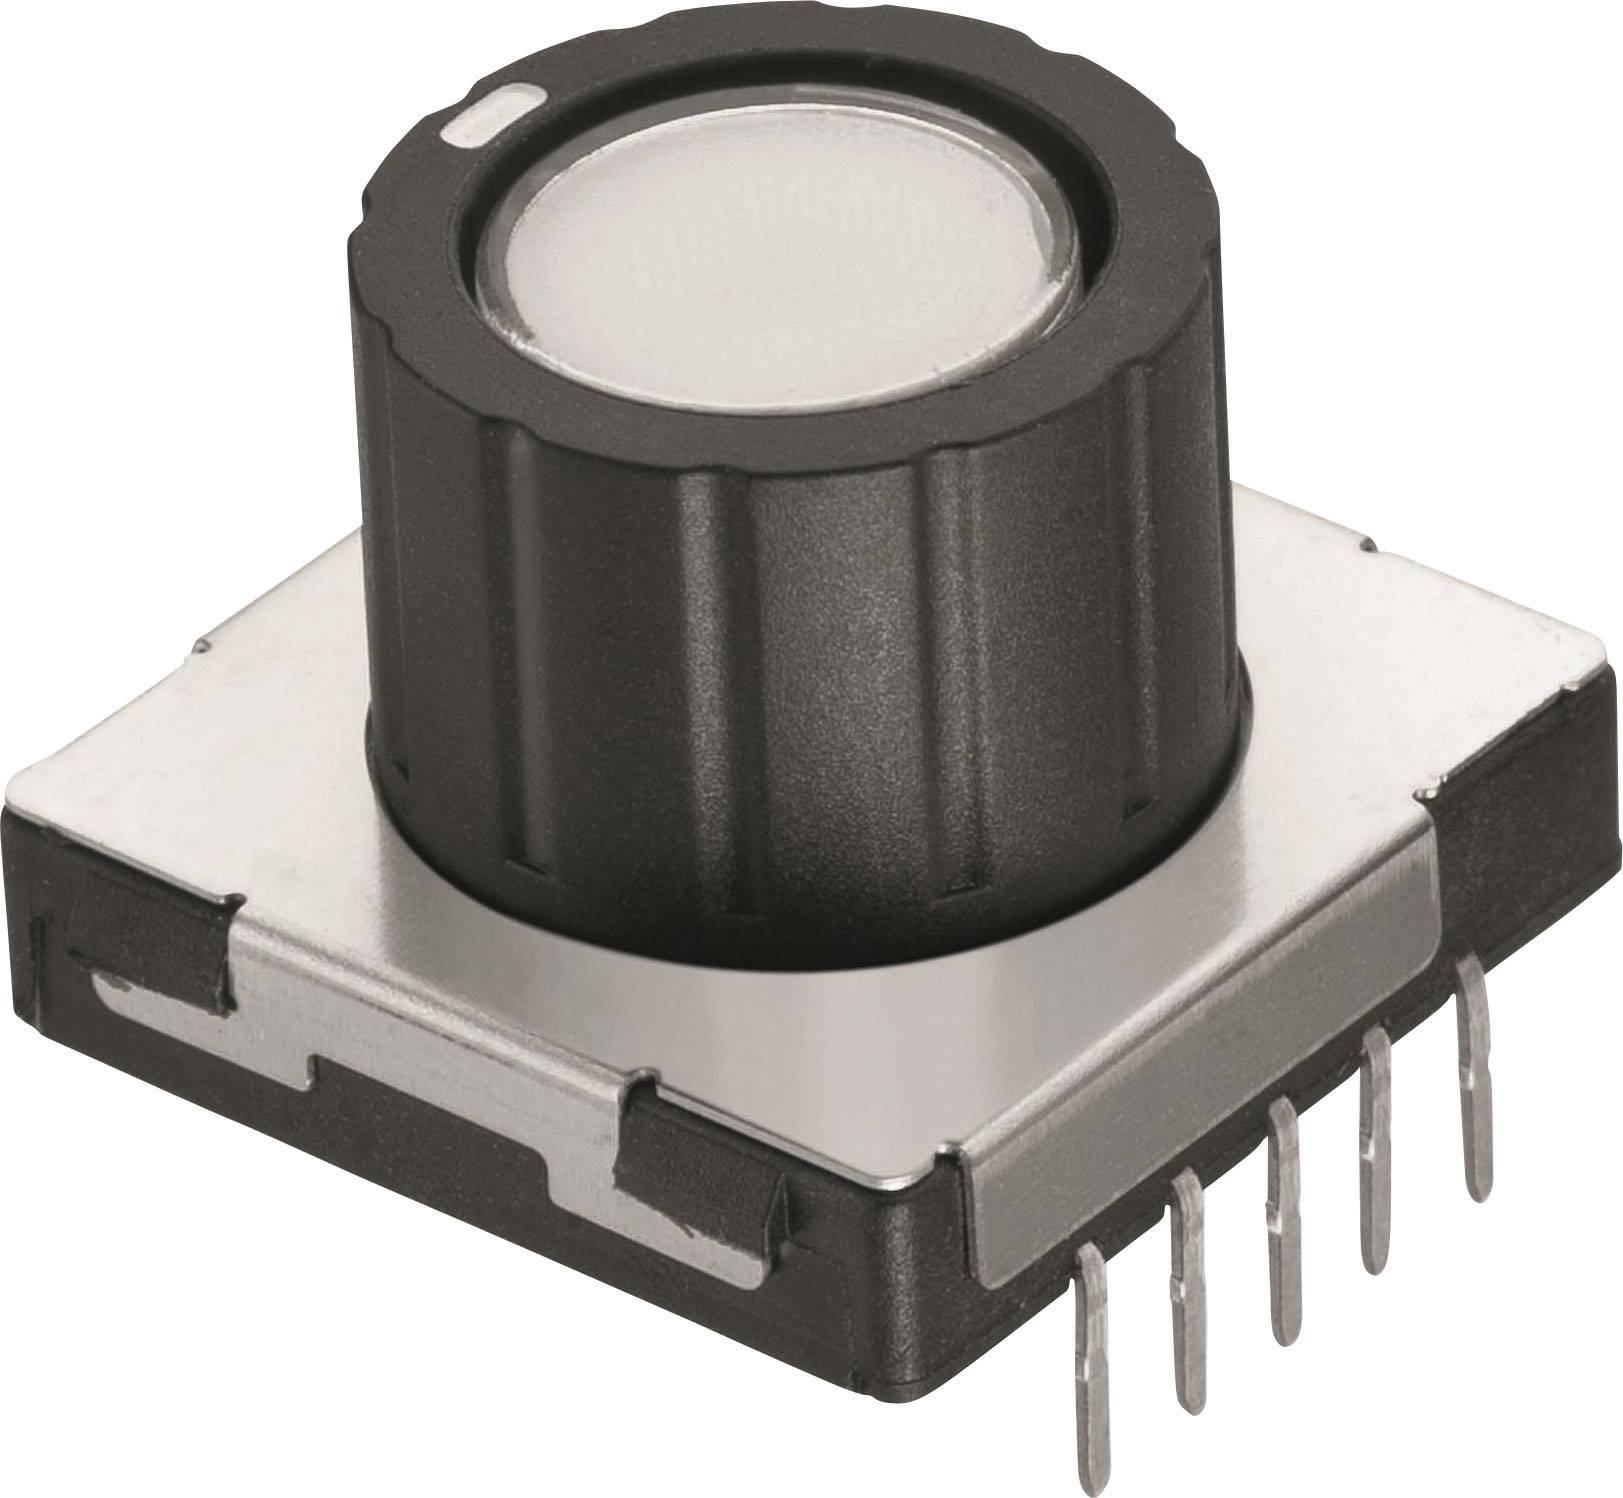 Otočný spínač Würth Elektronik WS-RPTL 481RV12172100, 12 V/DC, 0.1 A, pozice 8, 1 ks